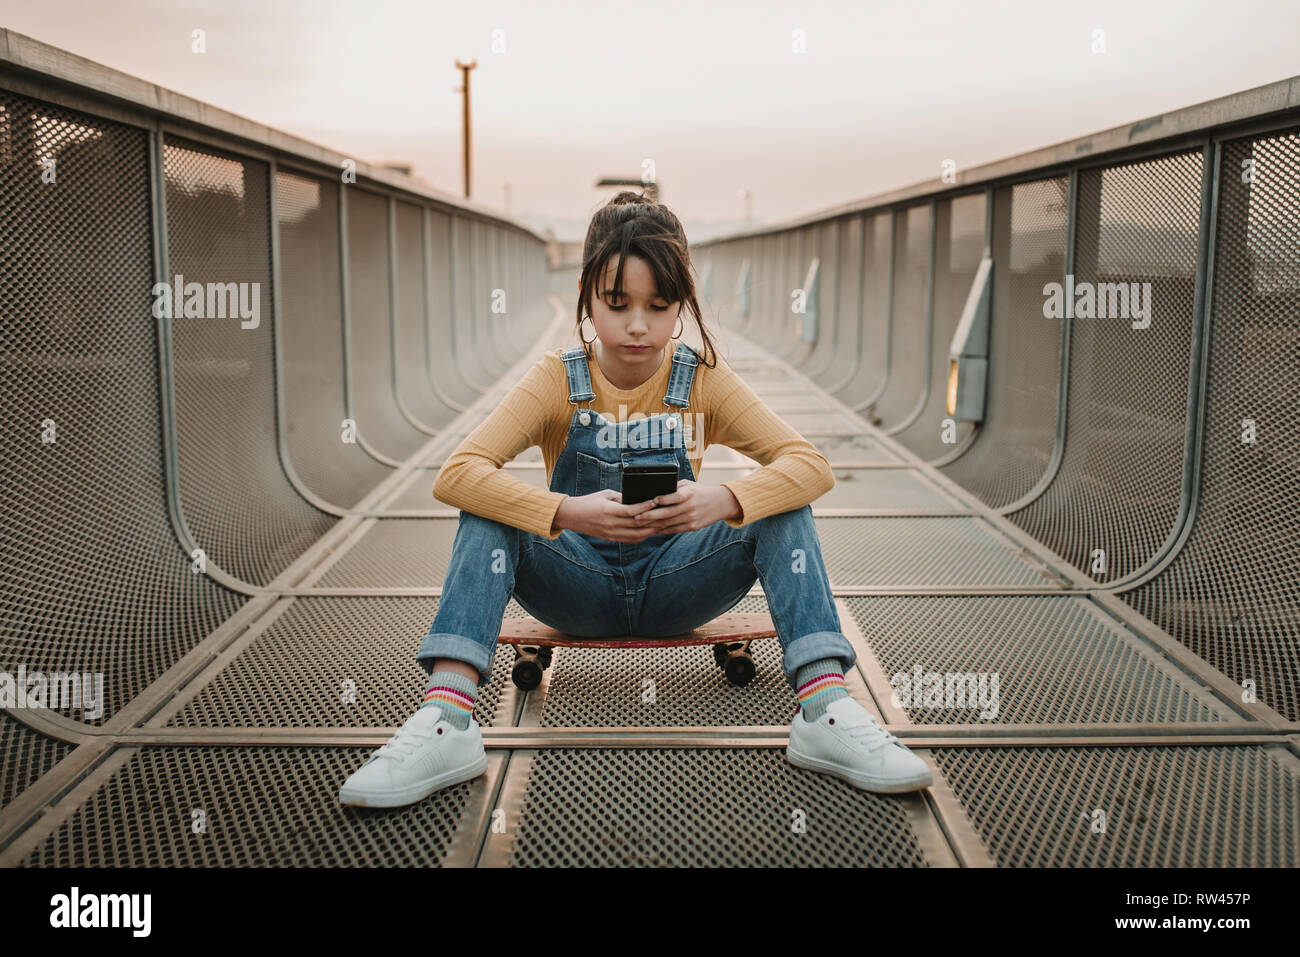 Stilvoll jugendlich in Jean insgesamt sitzen auf Skateboard und mit Handy auf Wanderweg in Stadt Stockbild